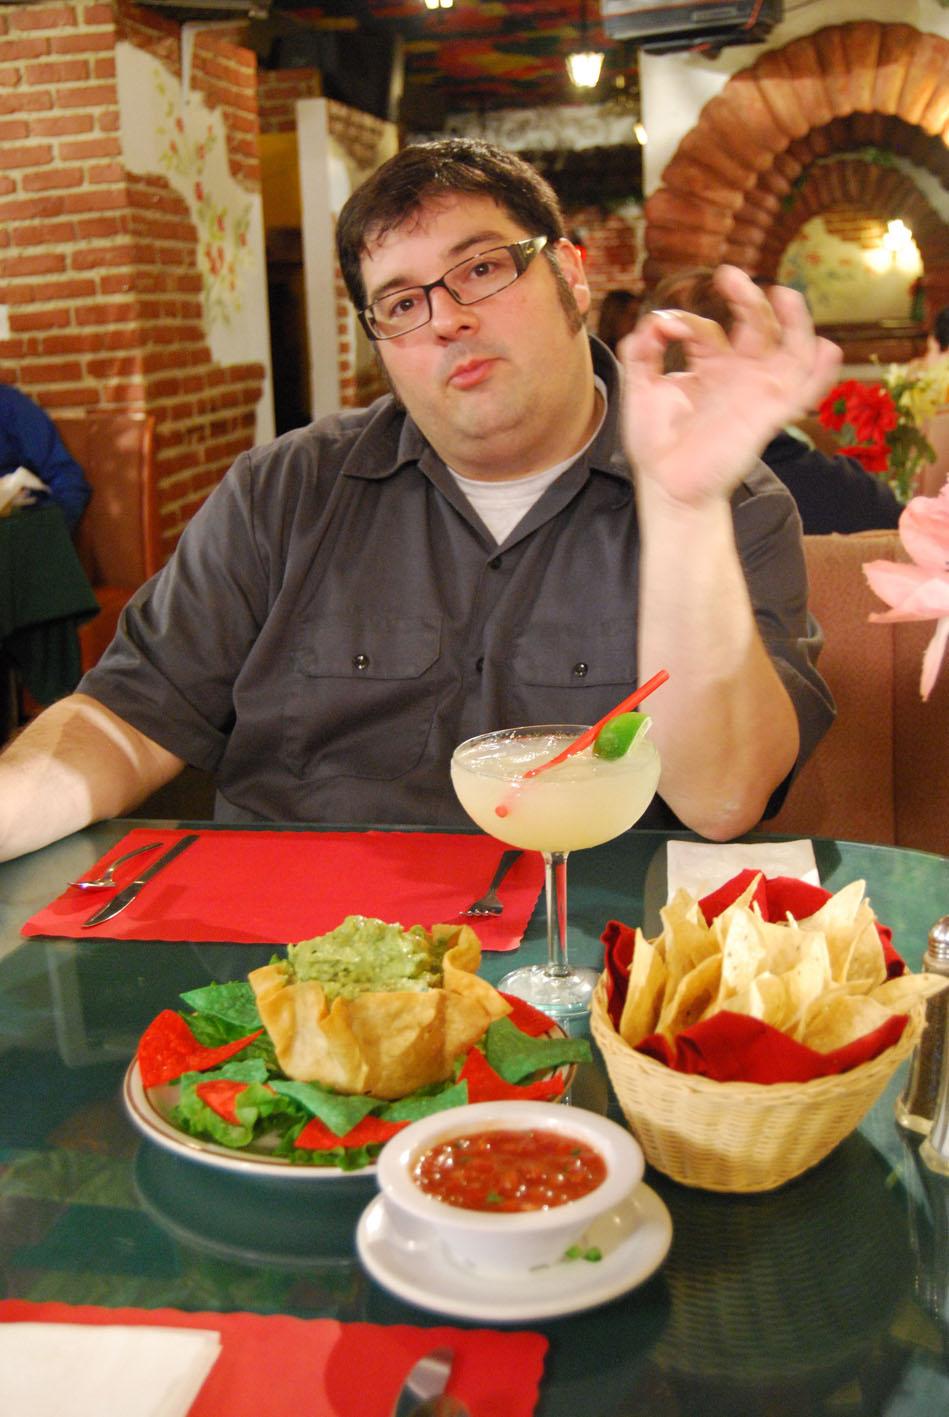 Hamburguesa la gu a de programaci n y recomendaci n de programas de sky cablevisi n - Louisiana cuisine history ...